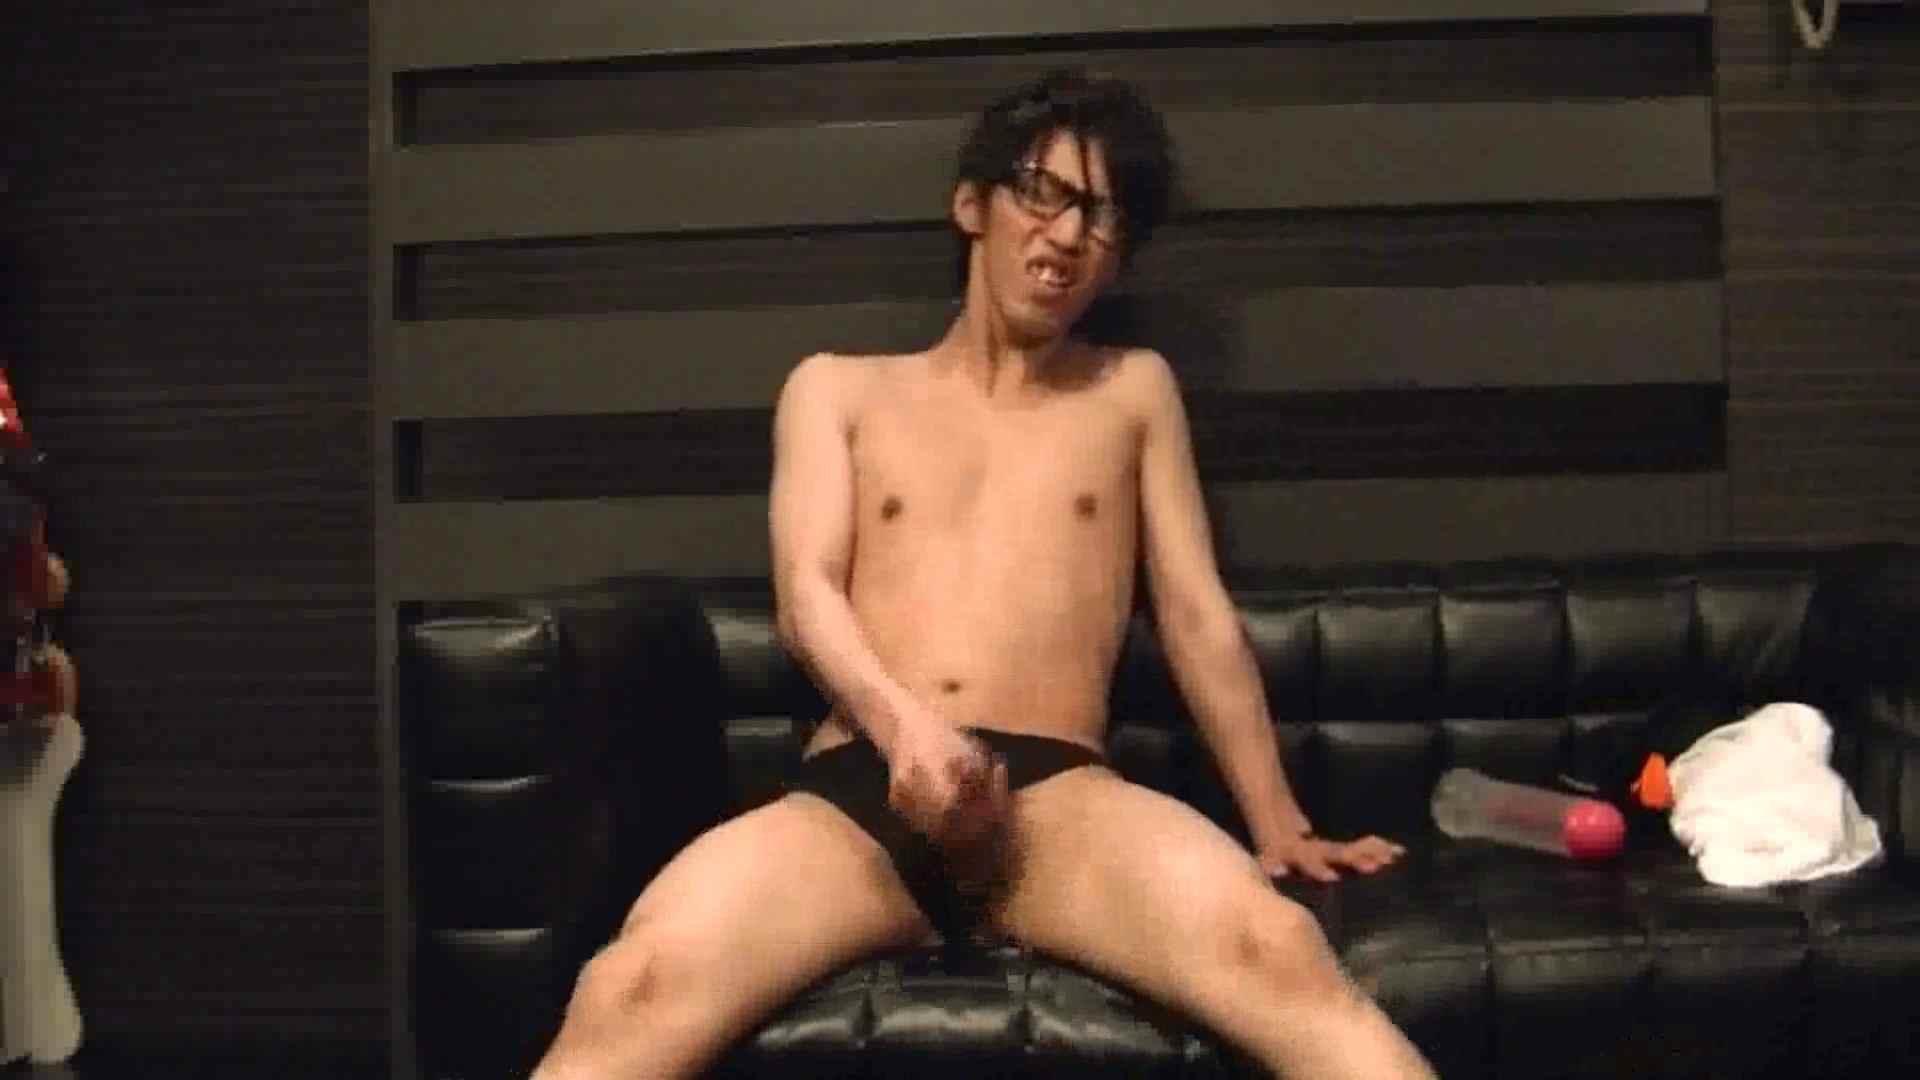 ONA見せカーニバル!! Vol3 ゲイのオナニー映像 | 男祭り  103枚 13